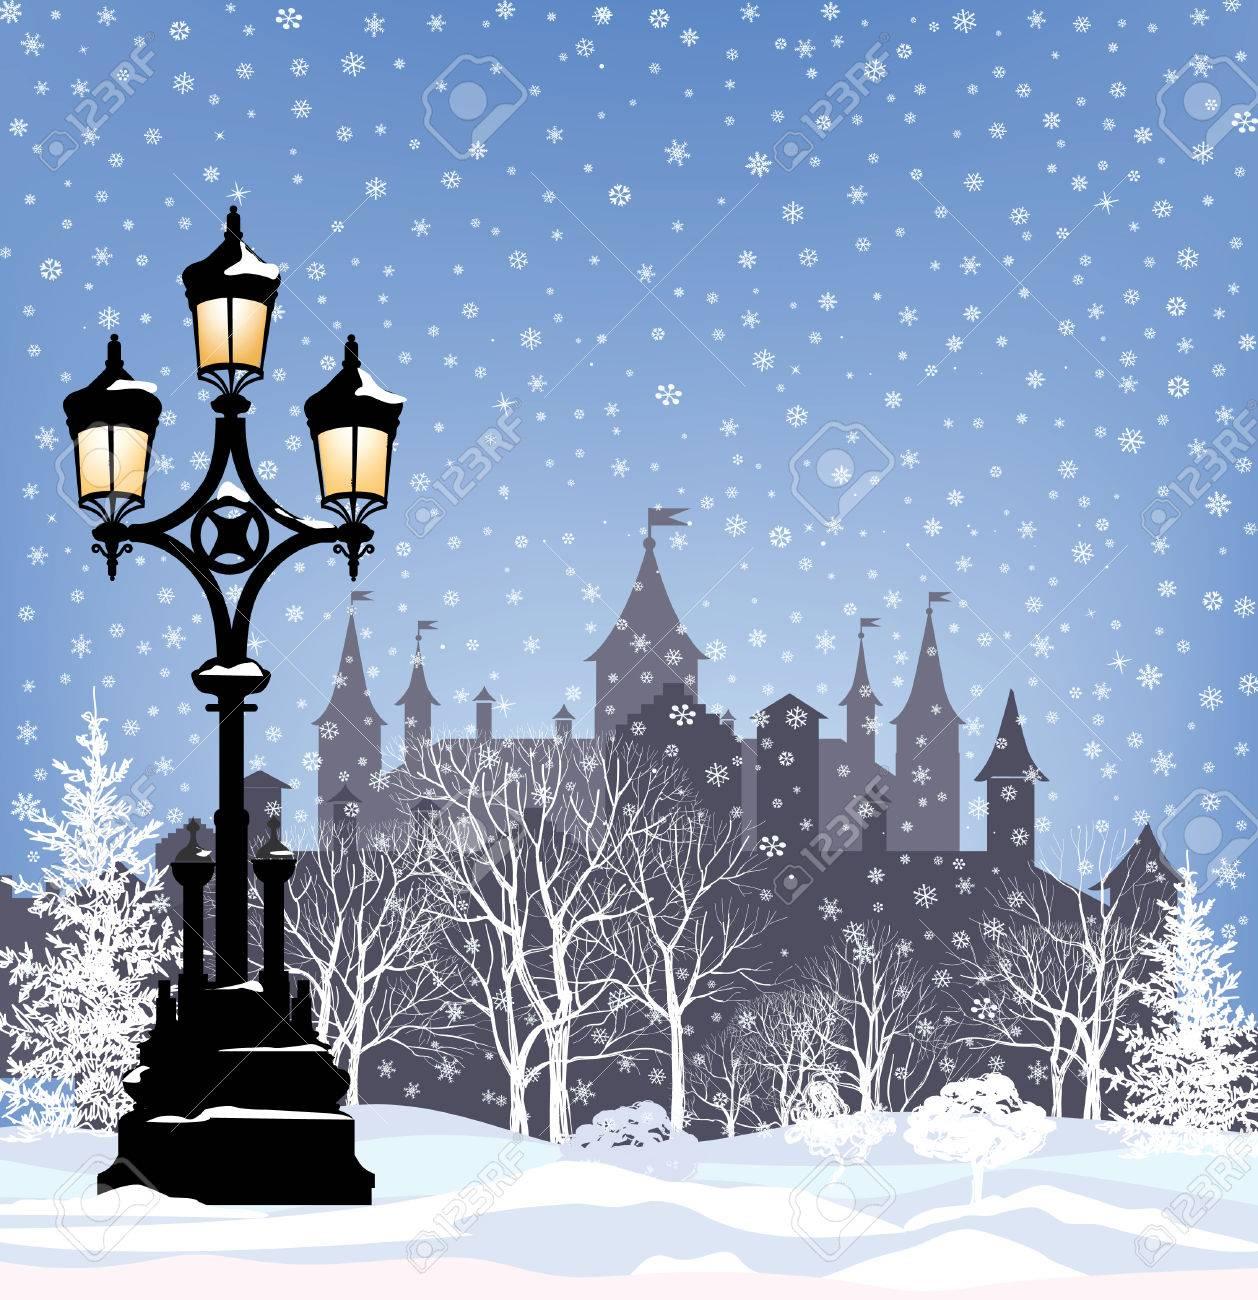 冬のホリデー雪 都市公園の背景 メリー クリスマスのグリーティング